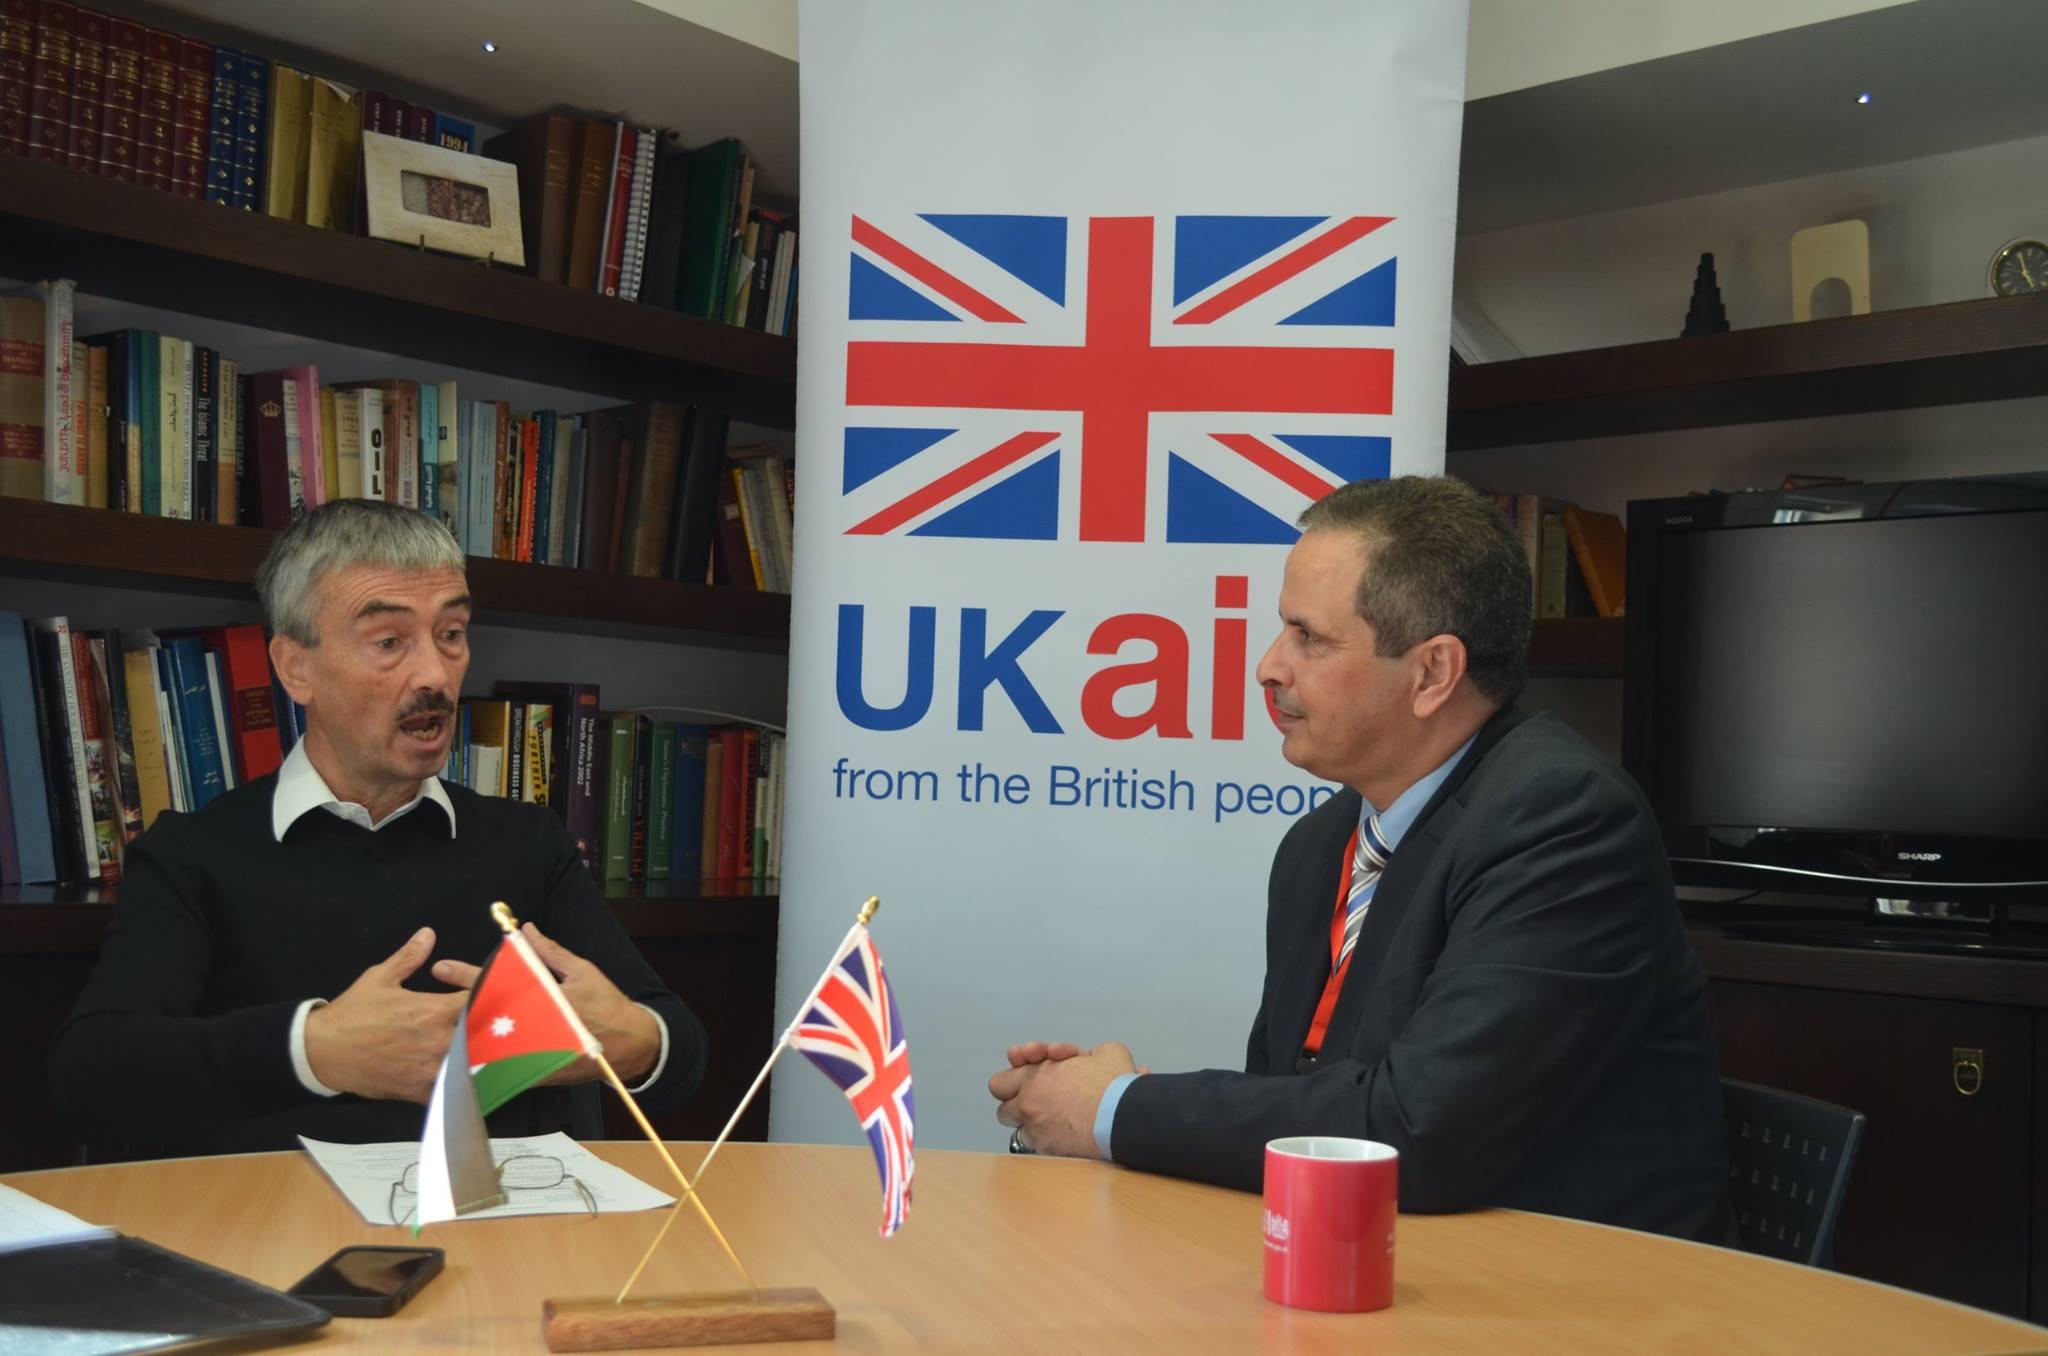 """السفير البريطاني لـ """"سرايا"""" : البعض يعتقد ان الفيزا لدخول بريطانيا صعبة، تلك خرافة متوارثة، والأردنيون مرحب بهم"""